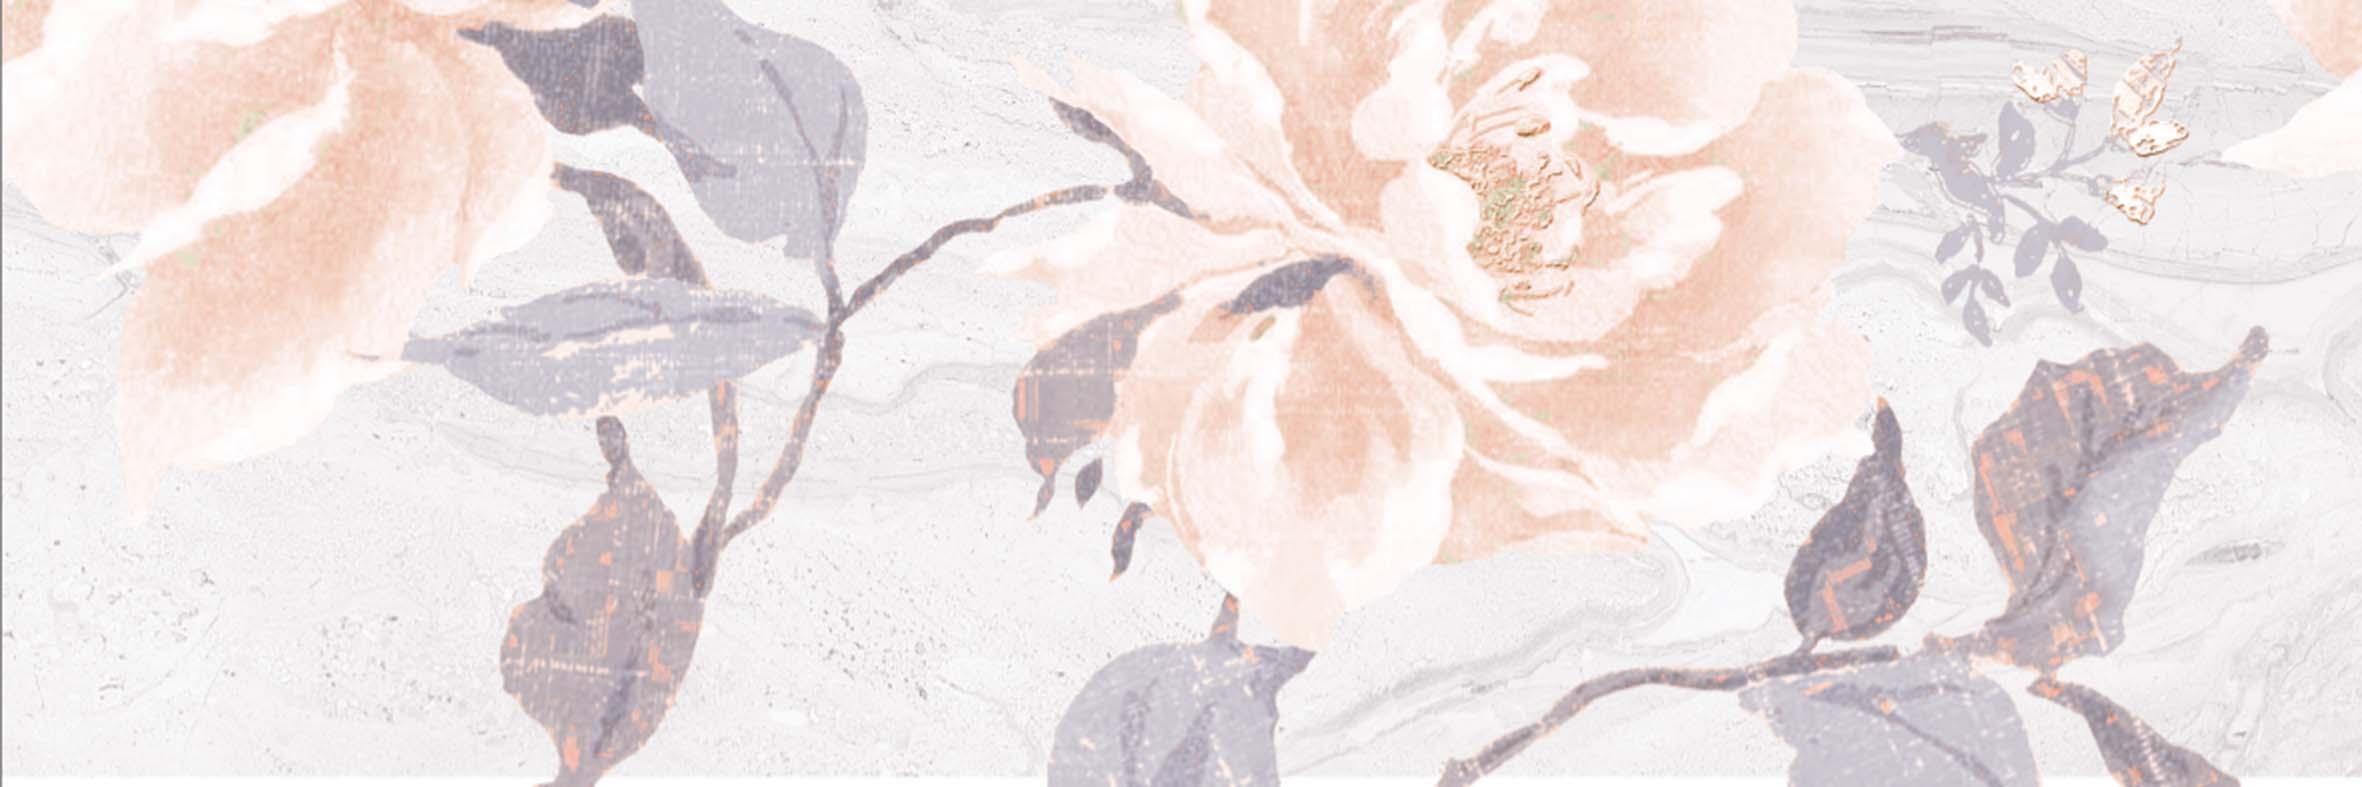 Декор Даф серый (04-01-1-17-03-06-645-0)